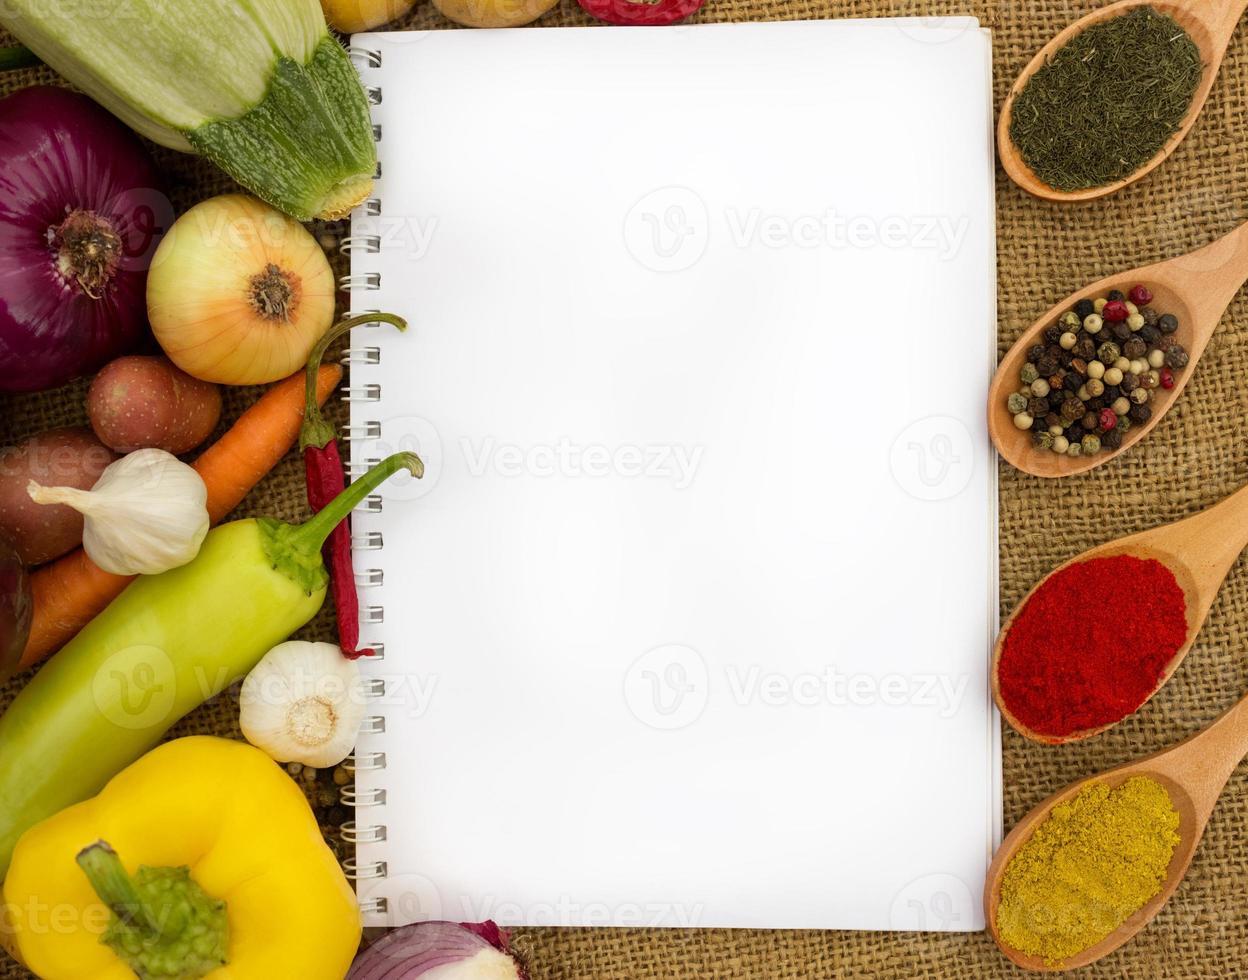 ricettario in bianco per le ricette foto